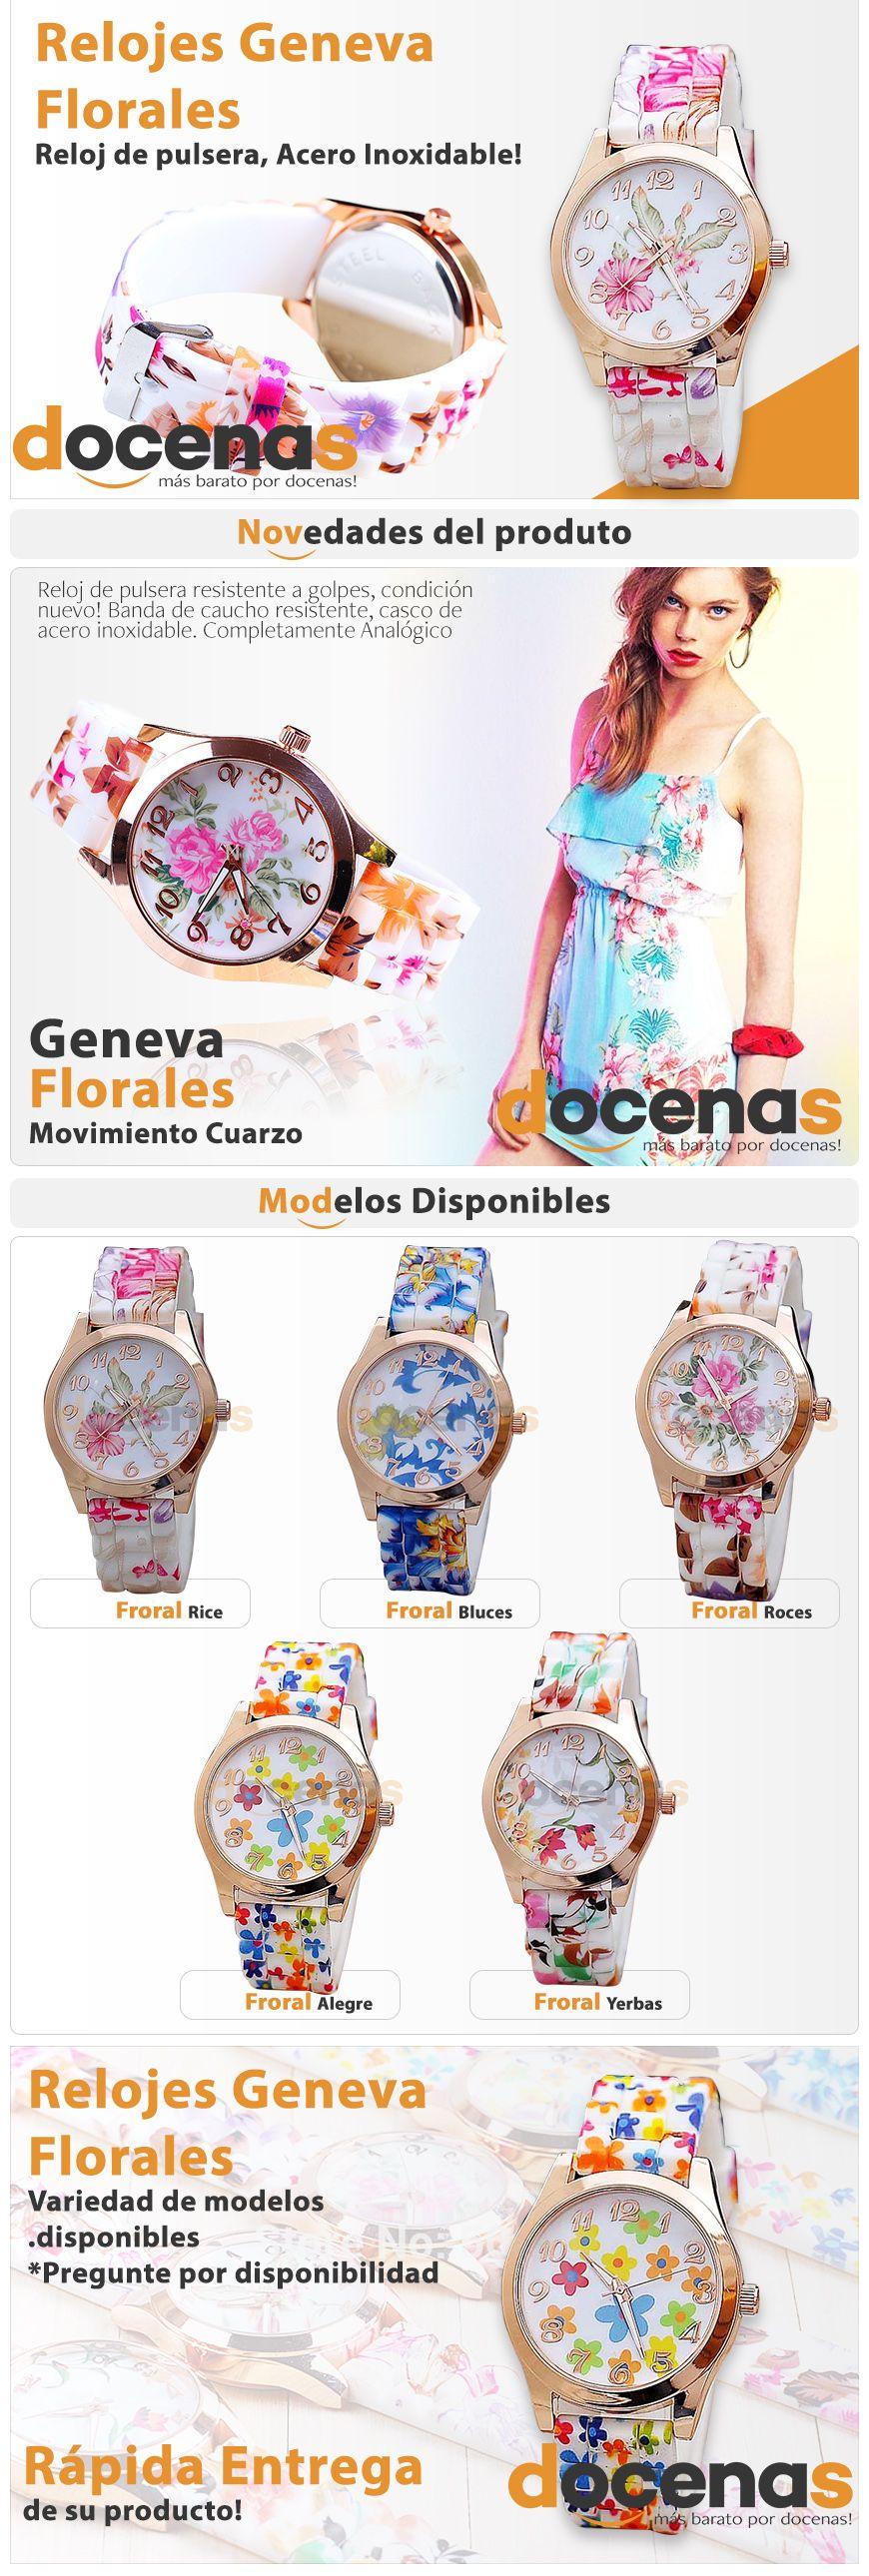 Anuncio, Relojes Geneva Florales. Cliente Docenas. Elaborado por iGrafi